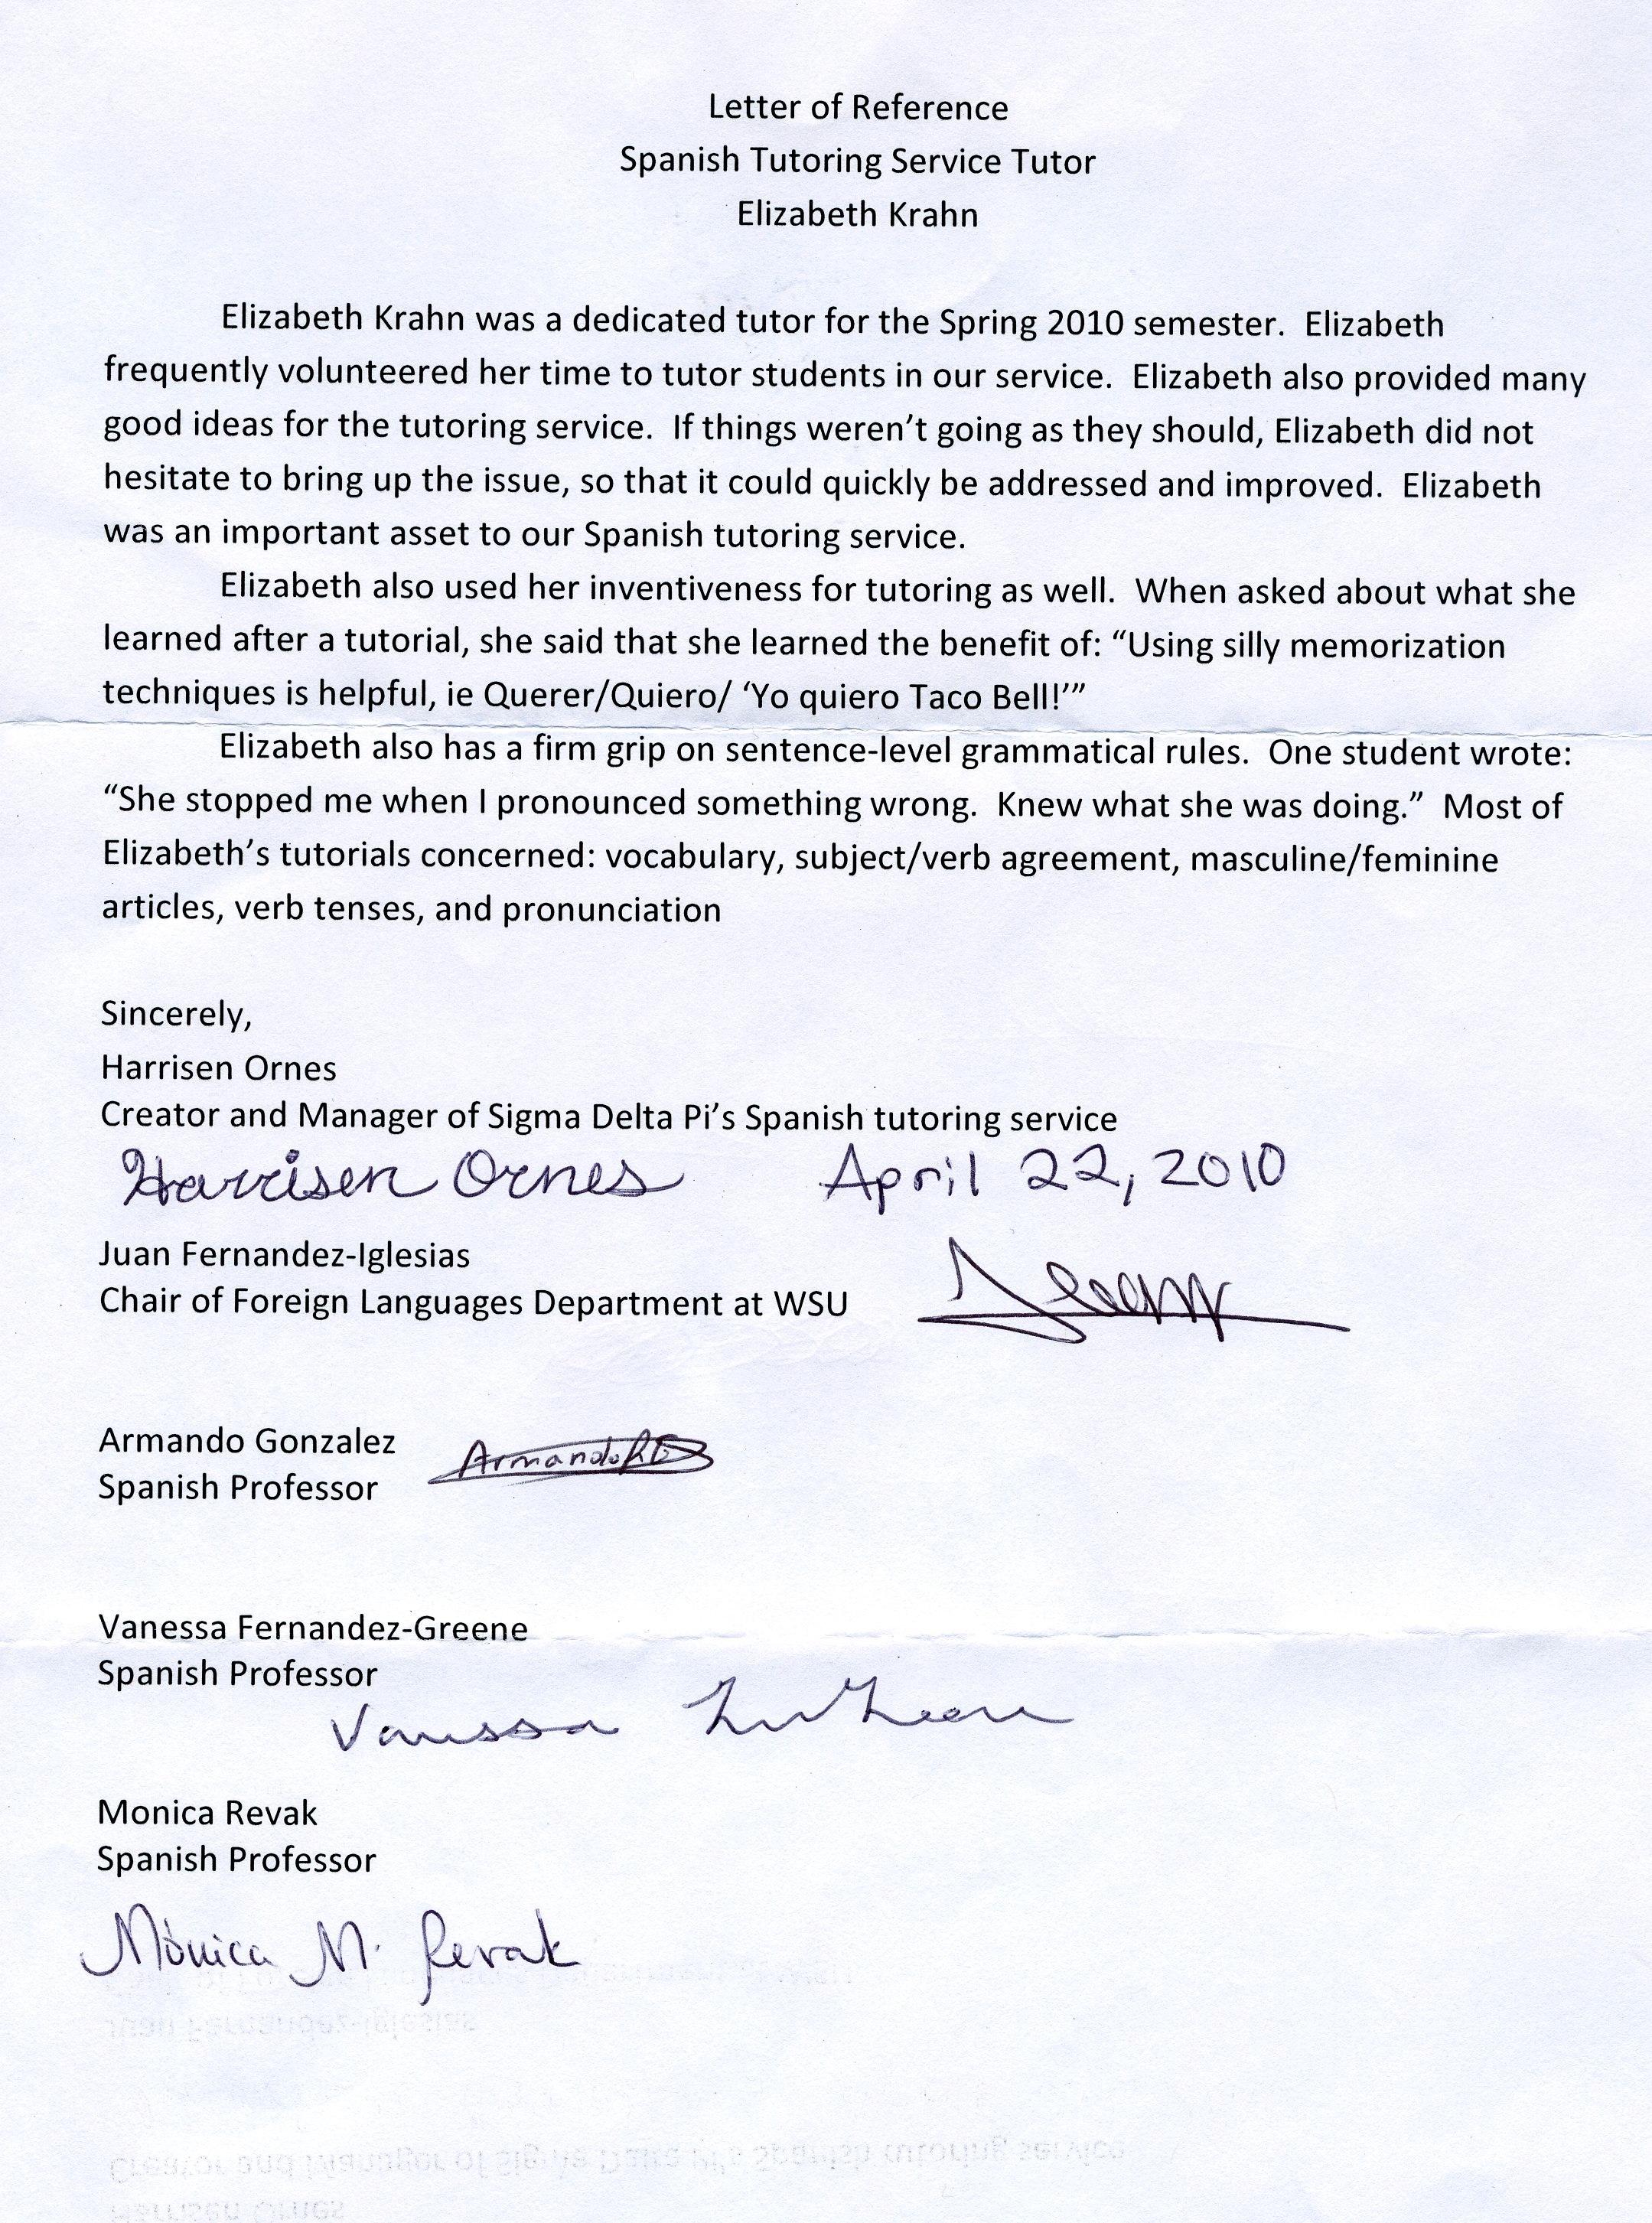 Spanish Tutoring Reference Letter Lizk2090's Blog